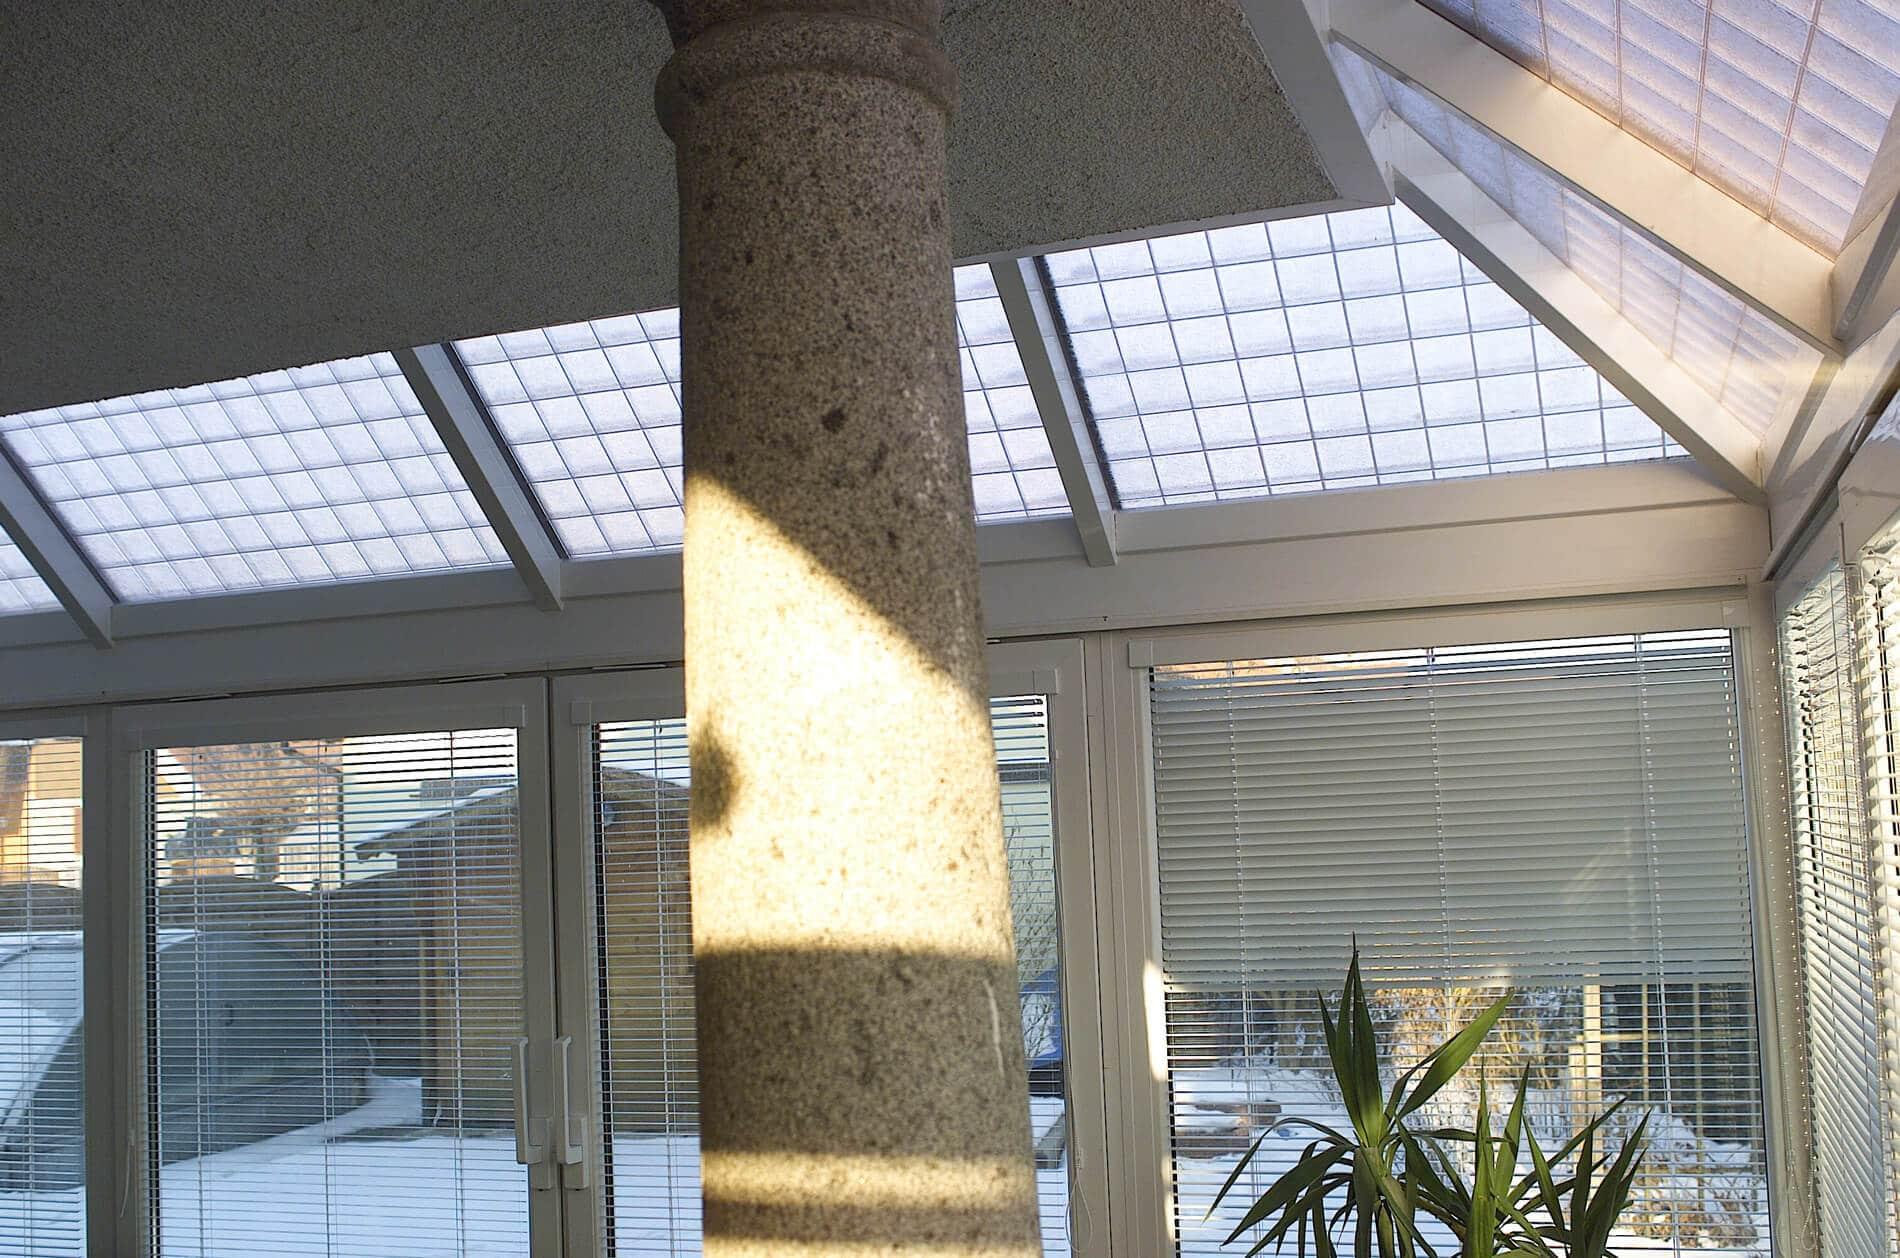 Wintergarten Auf Dem Dach wintergarten mit rasterglas auf dach wintergarten schmidinger